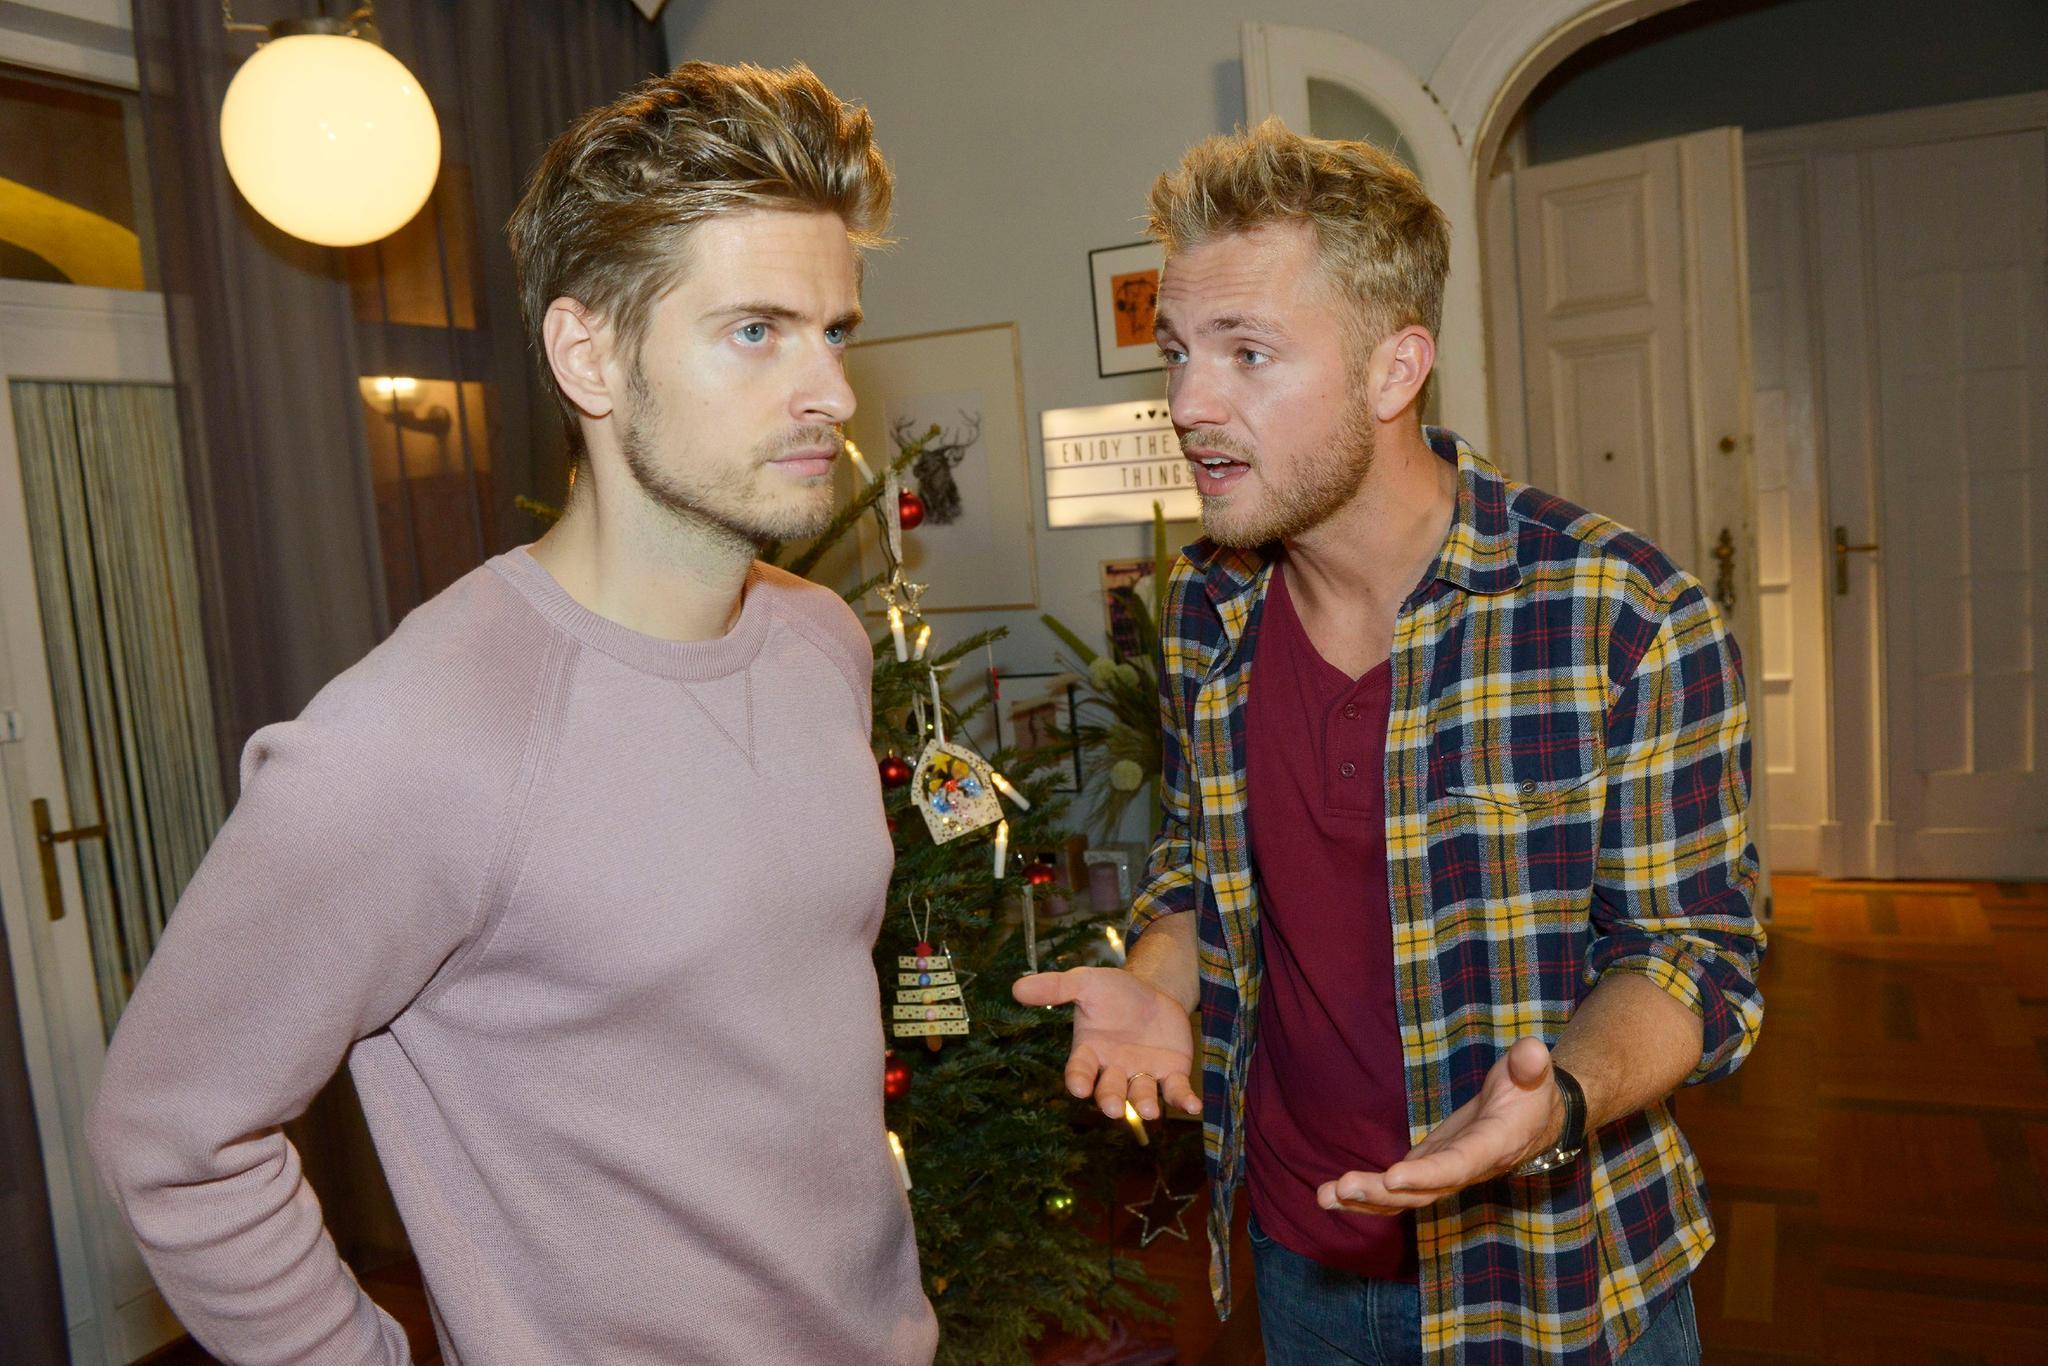 Philip (Jörn Schlönvoigt, l.) und Paul (Niklas Osterloh) diskutieren. Besinnliche Stimmung sieht anders aus.